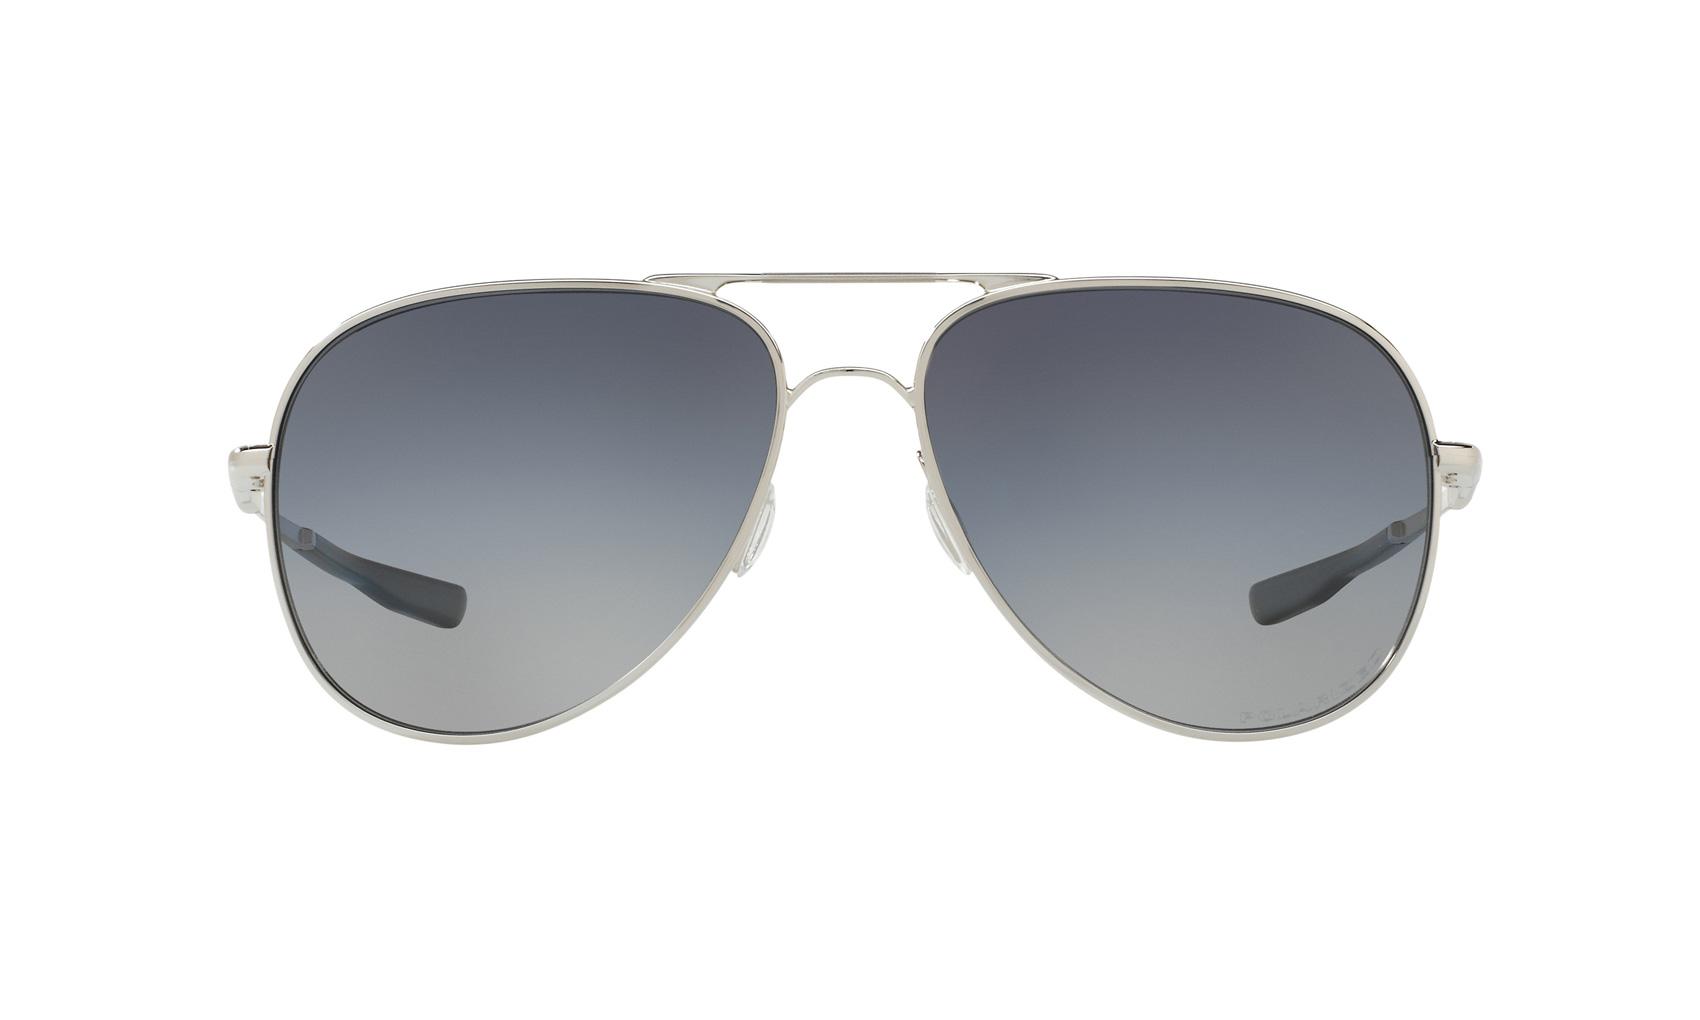 dd177e643c8 Details about Oakley Sunglasses - Elmont Large - Chrome